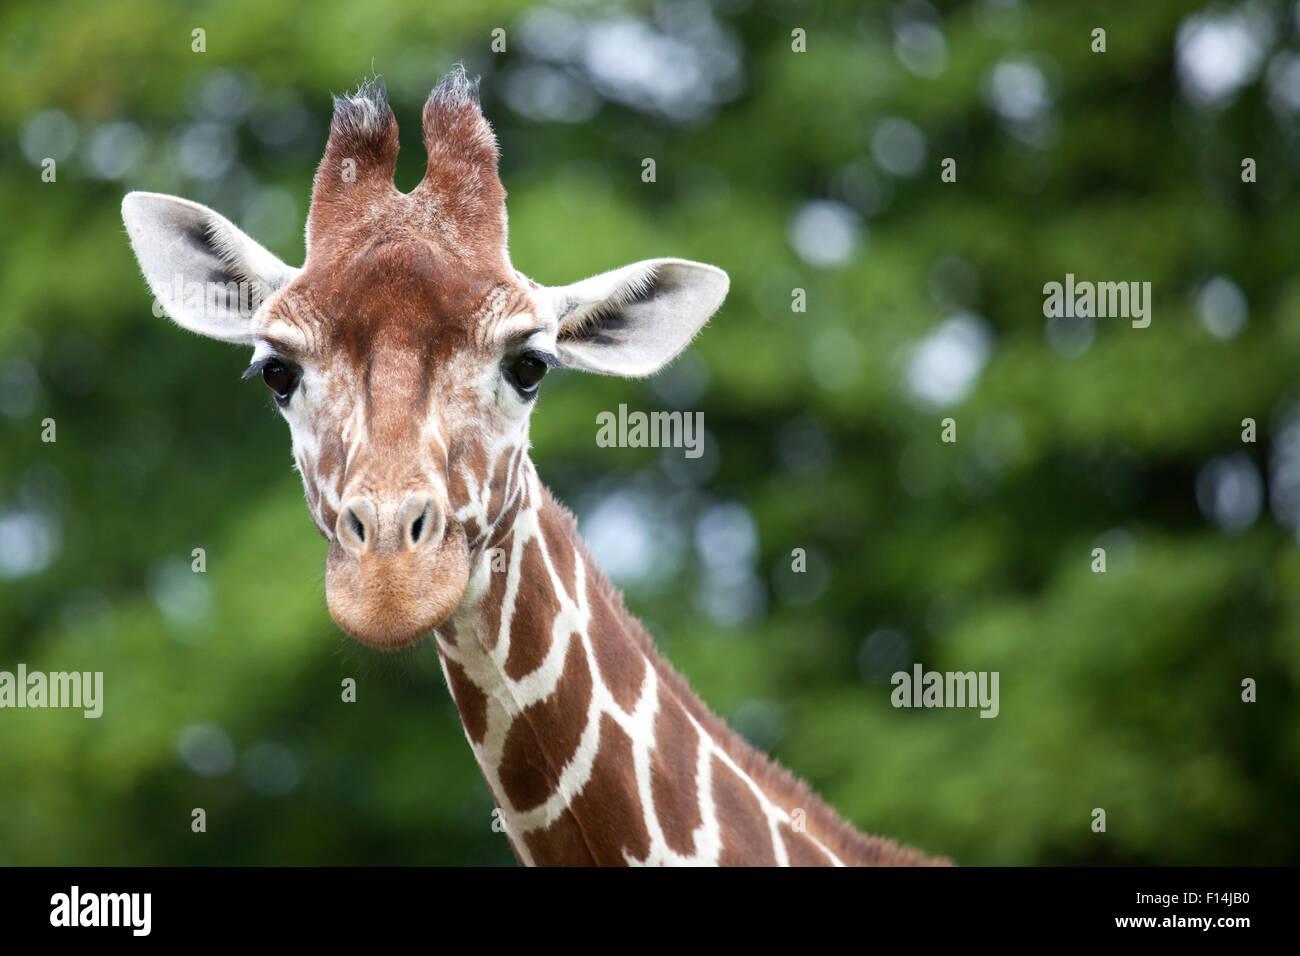 Cabeza de jirafa reticulada con espacio a la derecha del texto Imagen De Stock